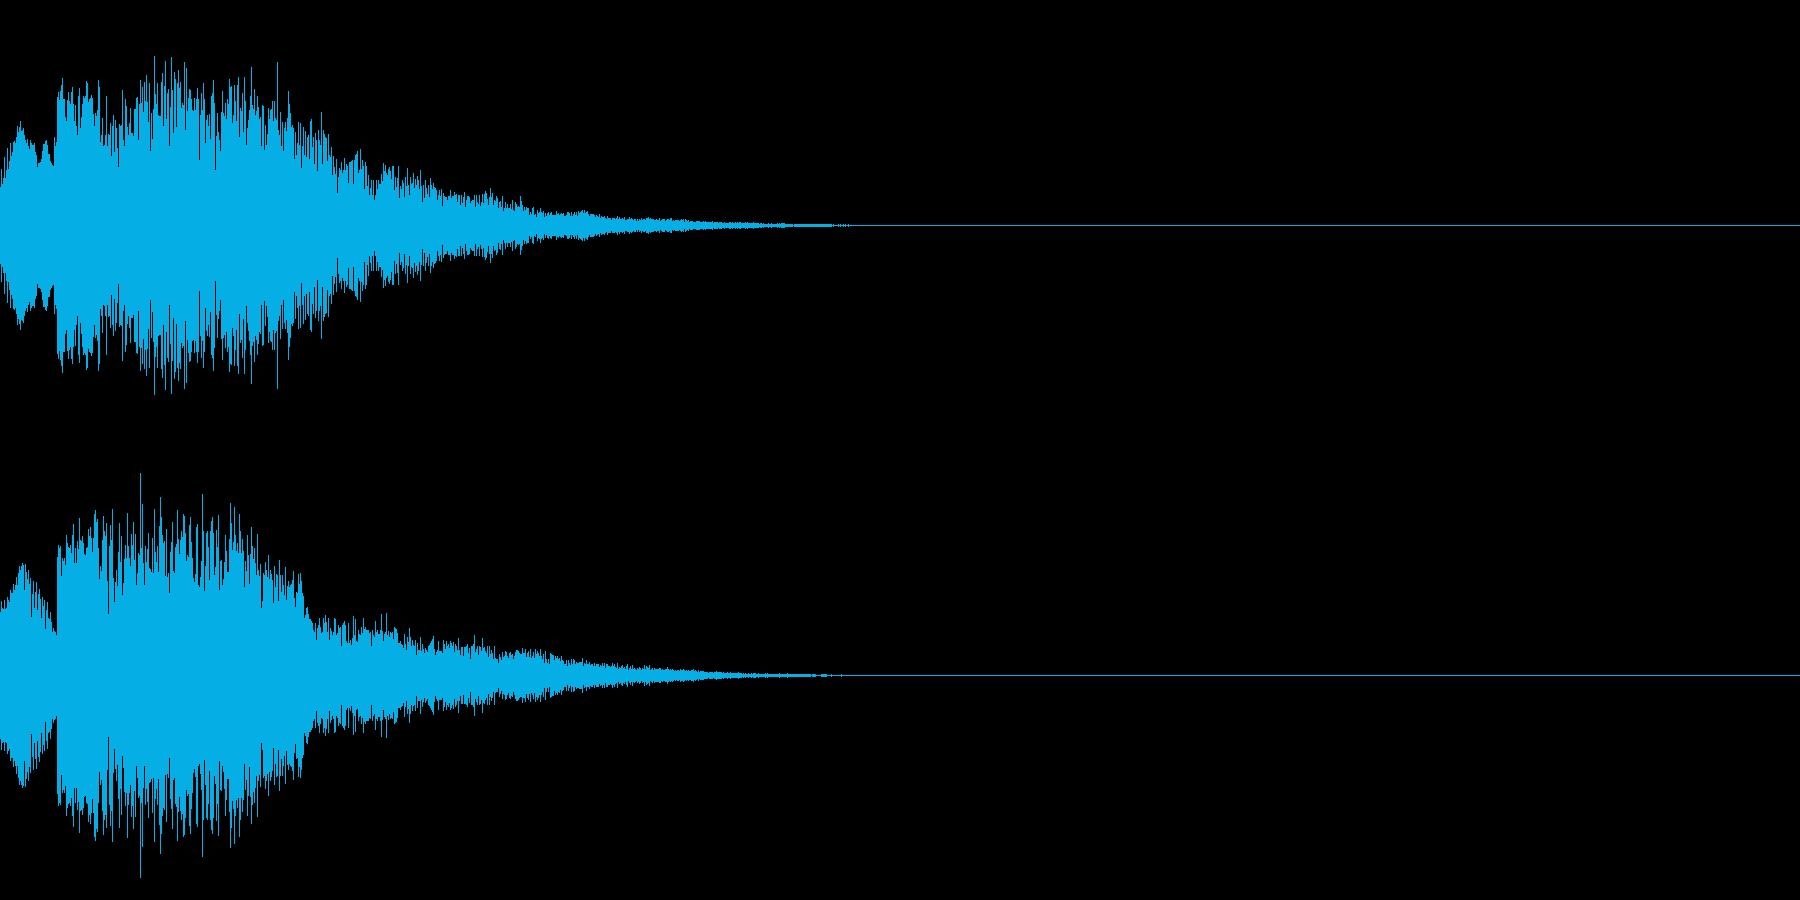 キュイン/レベルアップ/SF系の再生済みの波形